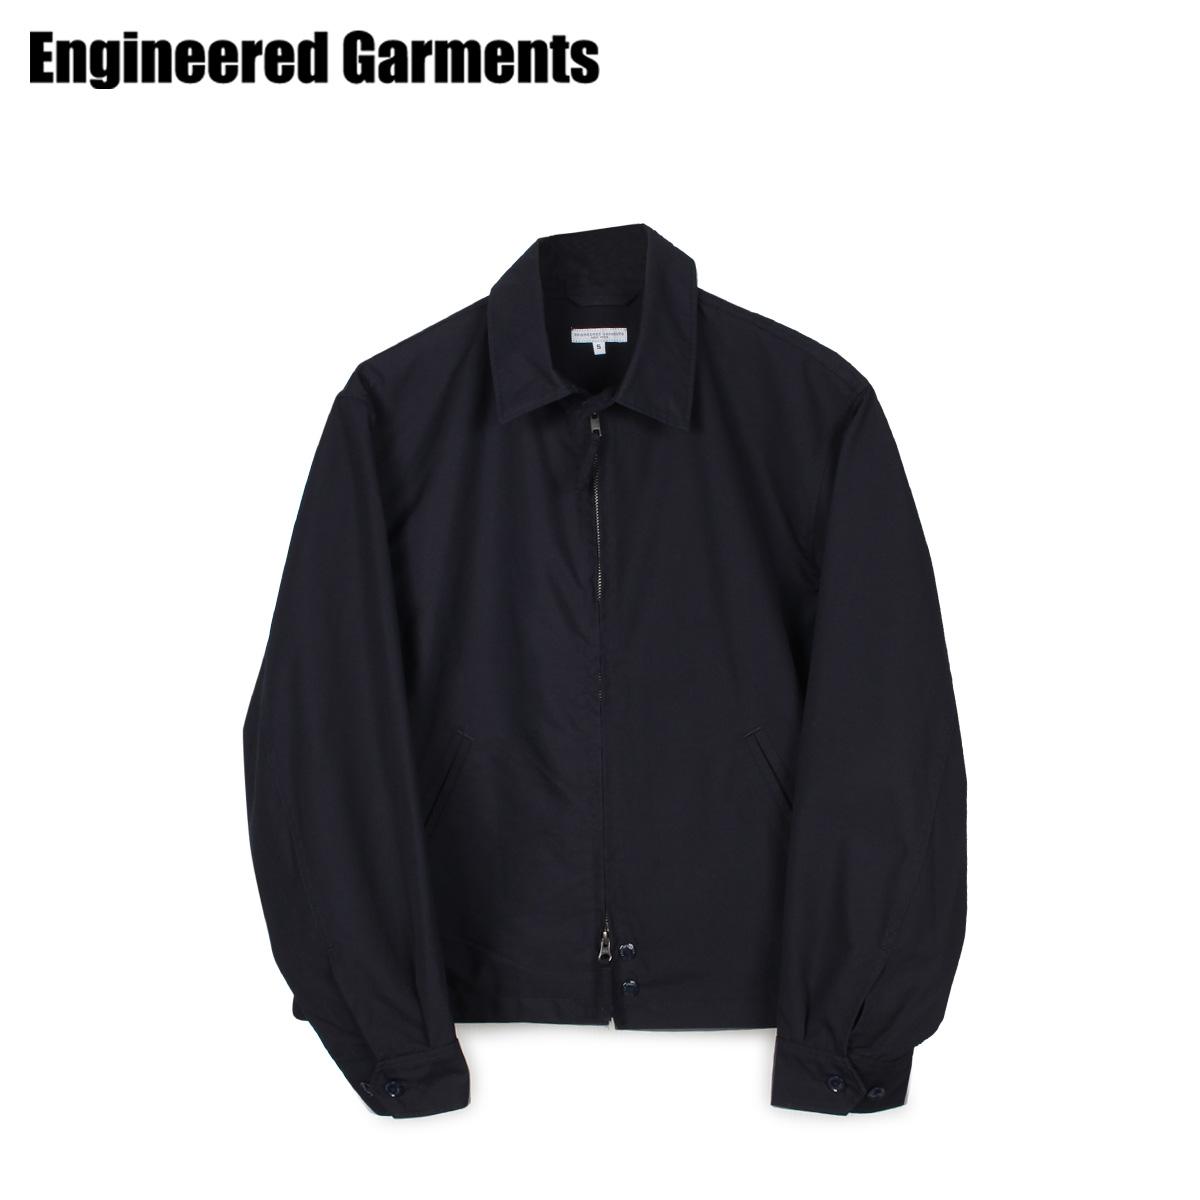 ENGINEERED GARMENTS エンジニアドガーメンツ ジャケット メンズ CLAIGTON JACKET ネイビー 20S1D026